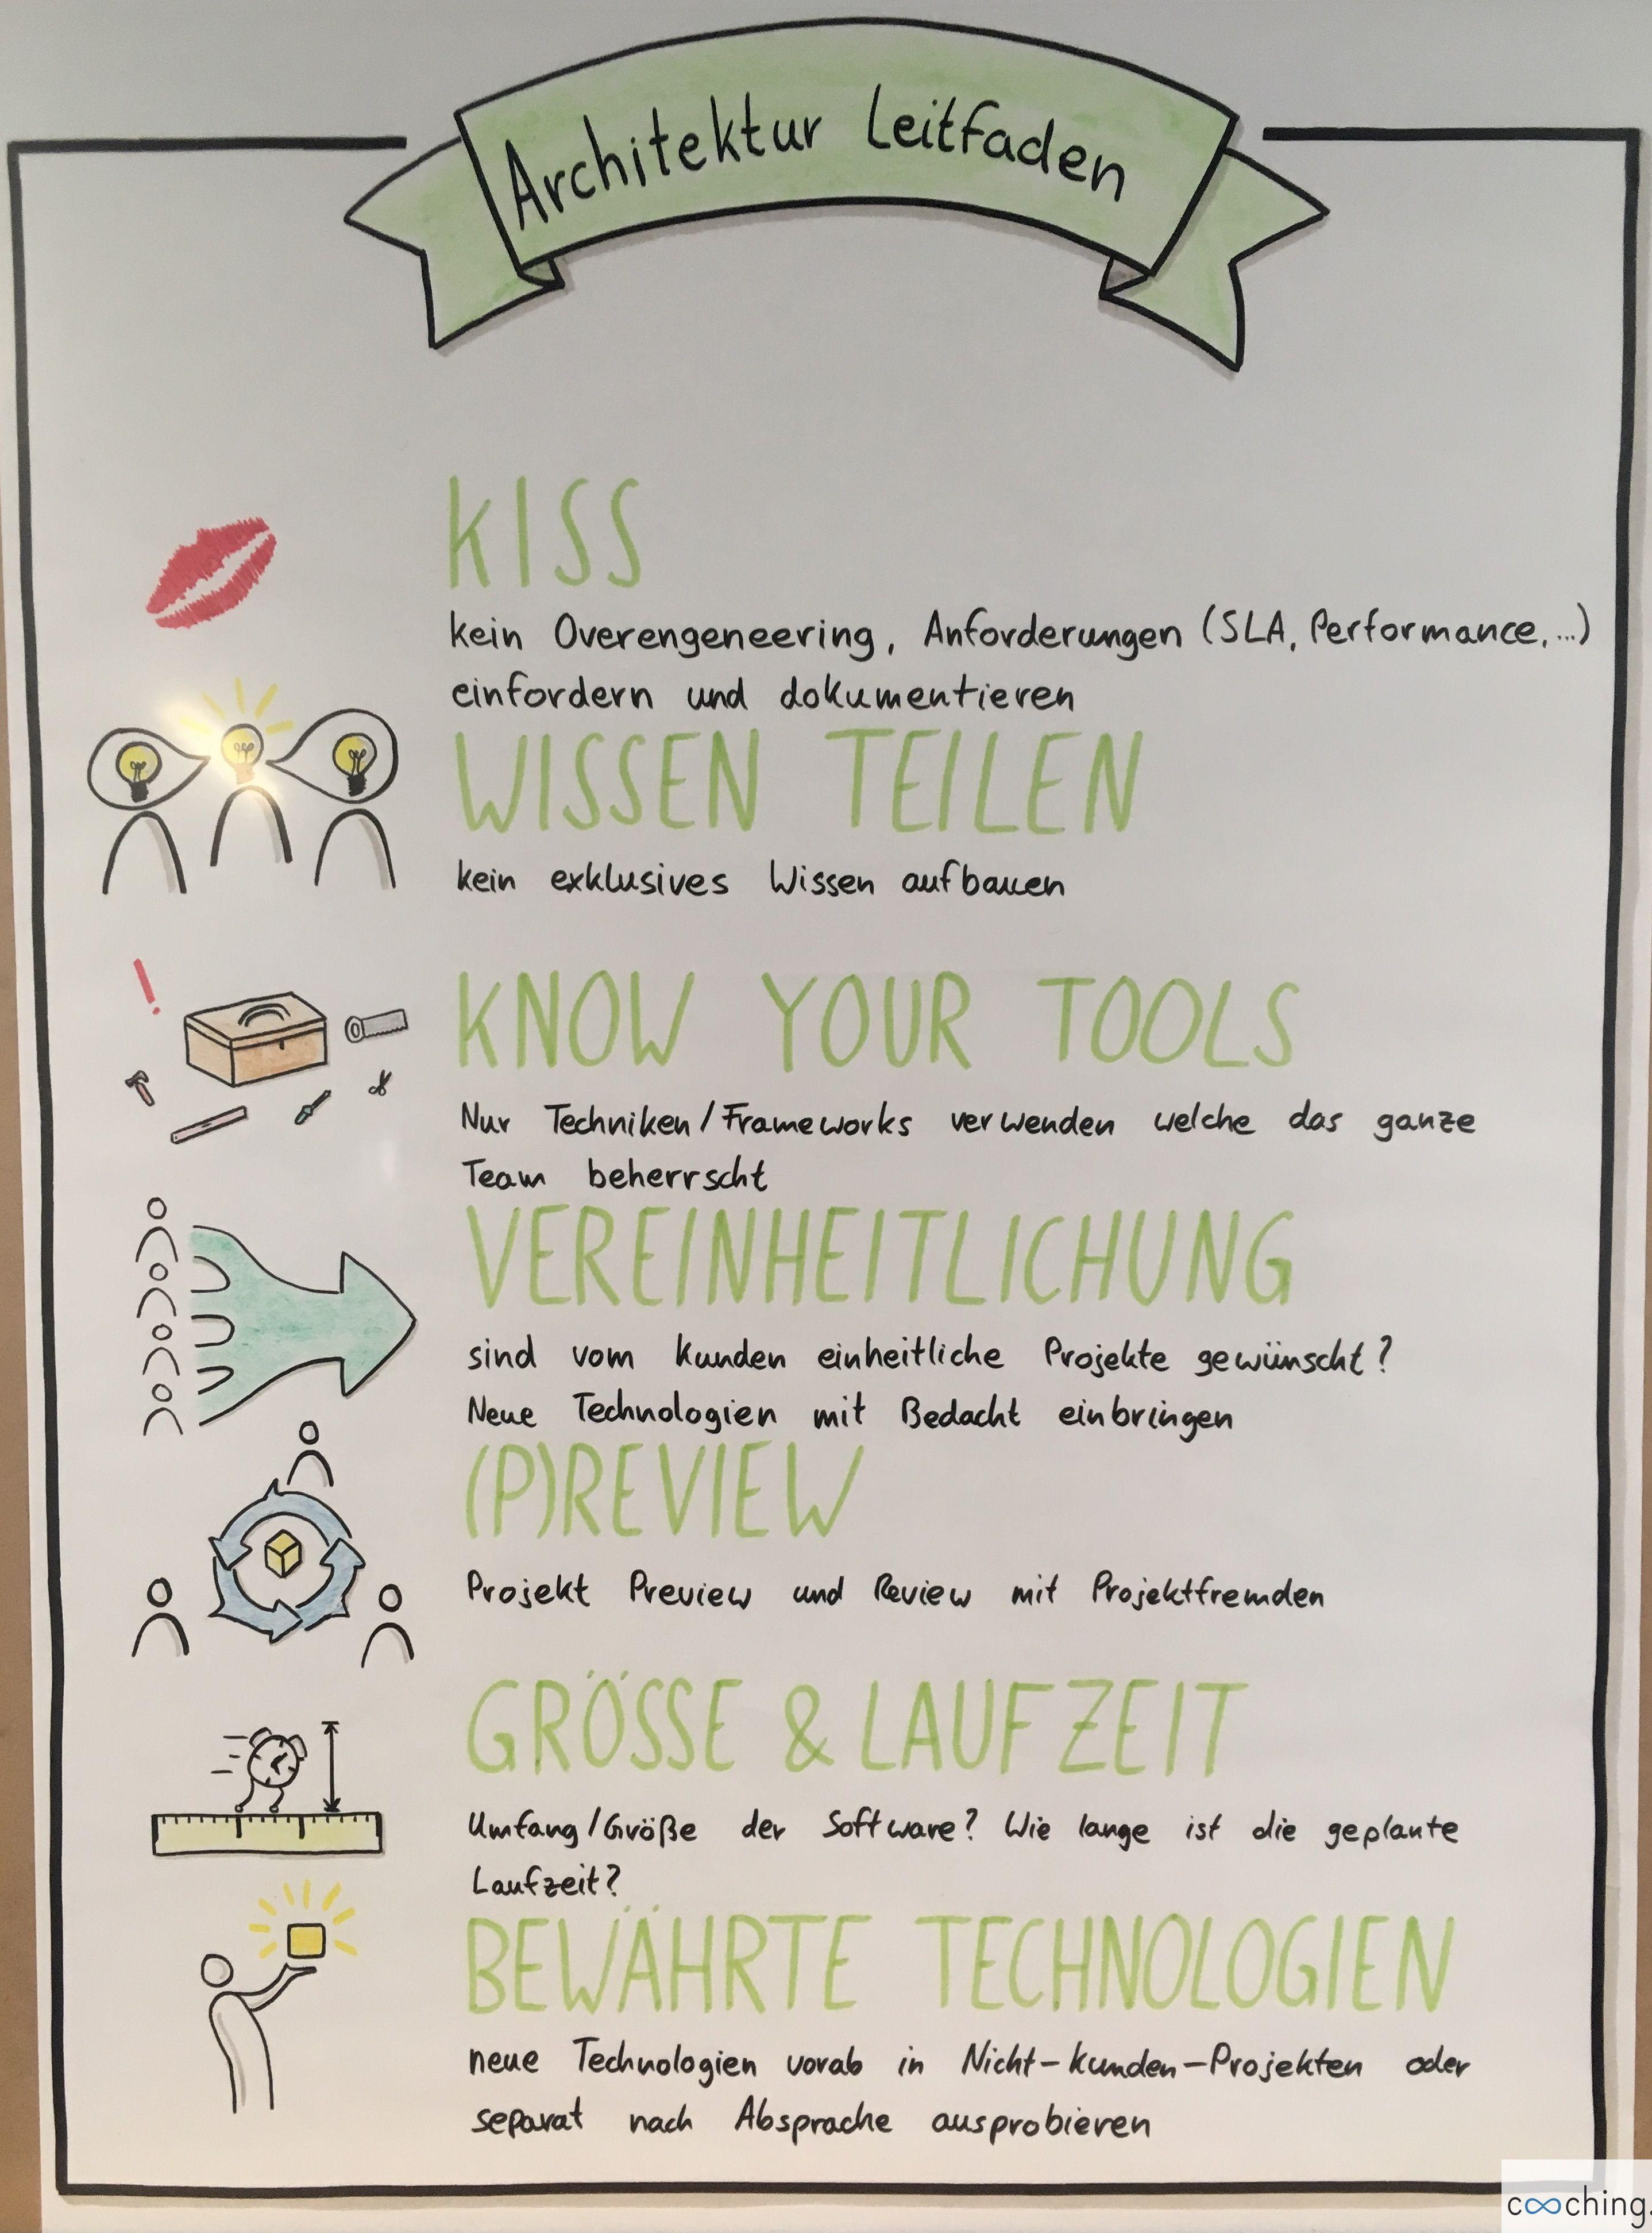 Beispiel Fur Einen Gemeinsamen Arbeitsansatz Im Team Psychologie Lernen Flipchart Gestalten Flipcharts